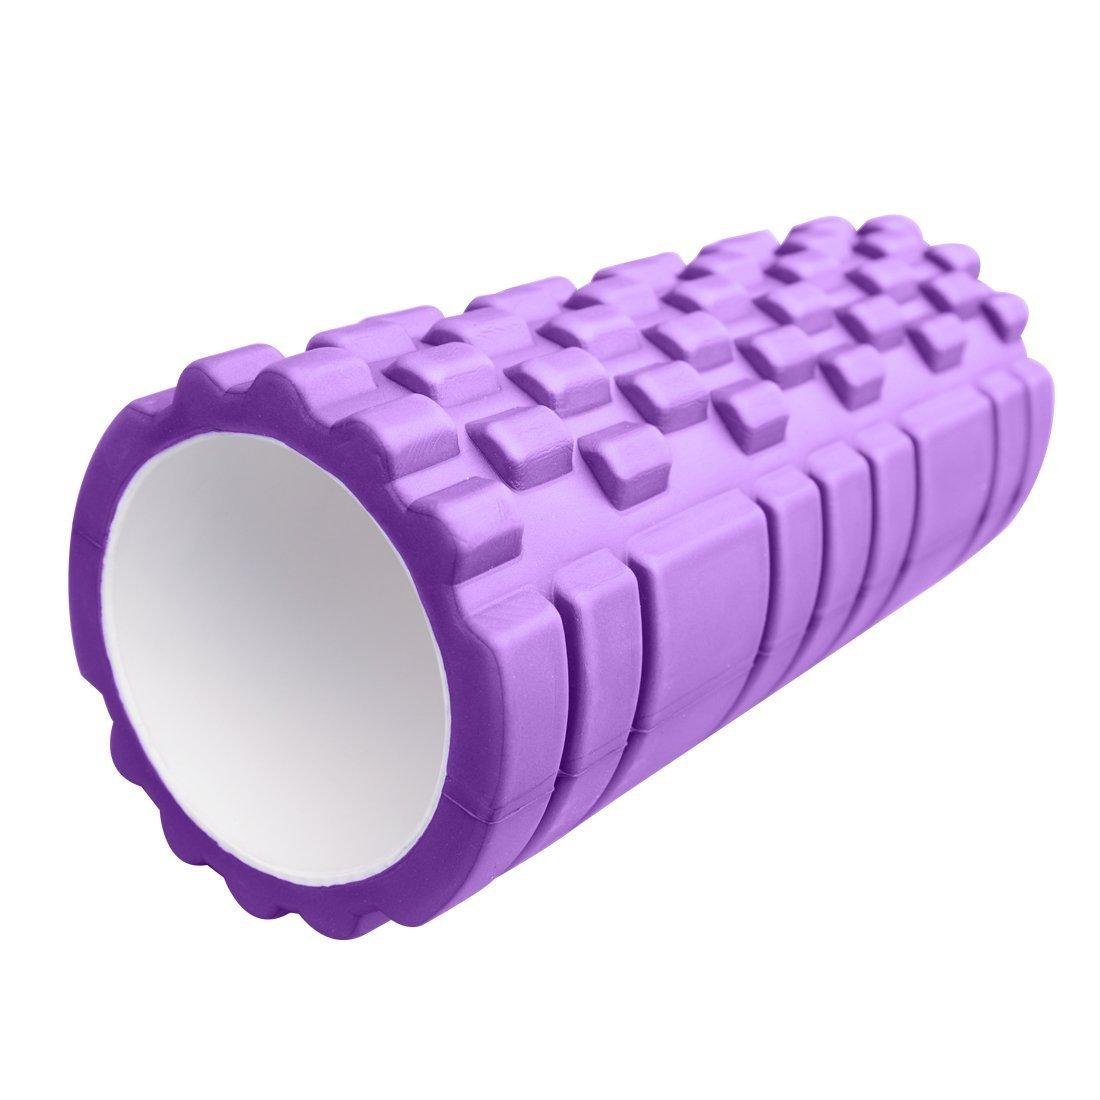 Kabalo 1 x Púrpura con textura de puntos gatillo ejercicio / Yoga Rodillo de espuma para gimnasia, Pilates, Physio - equipos de gimnasio en casa!